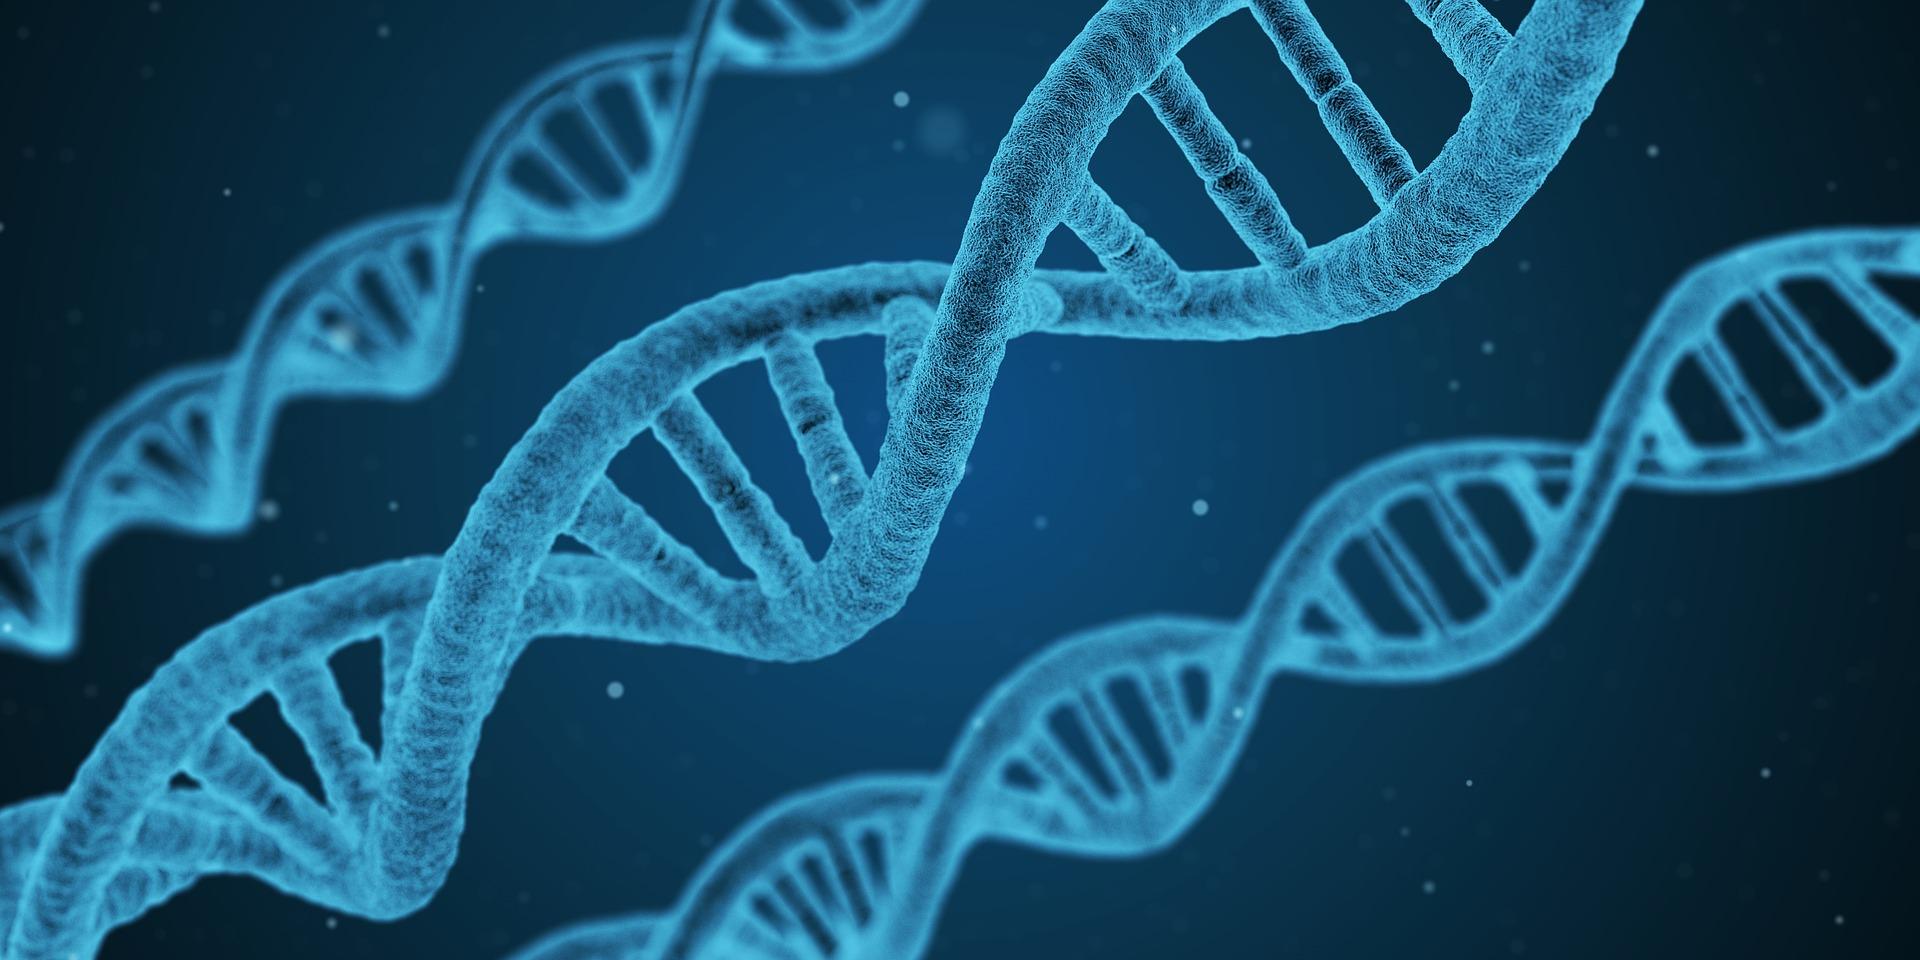 染色体の画像